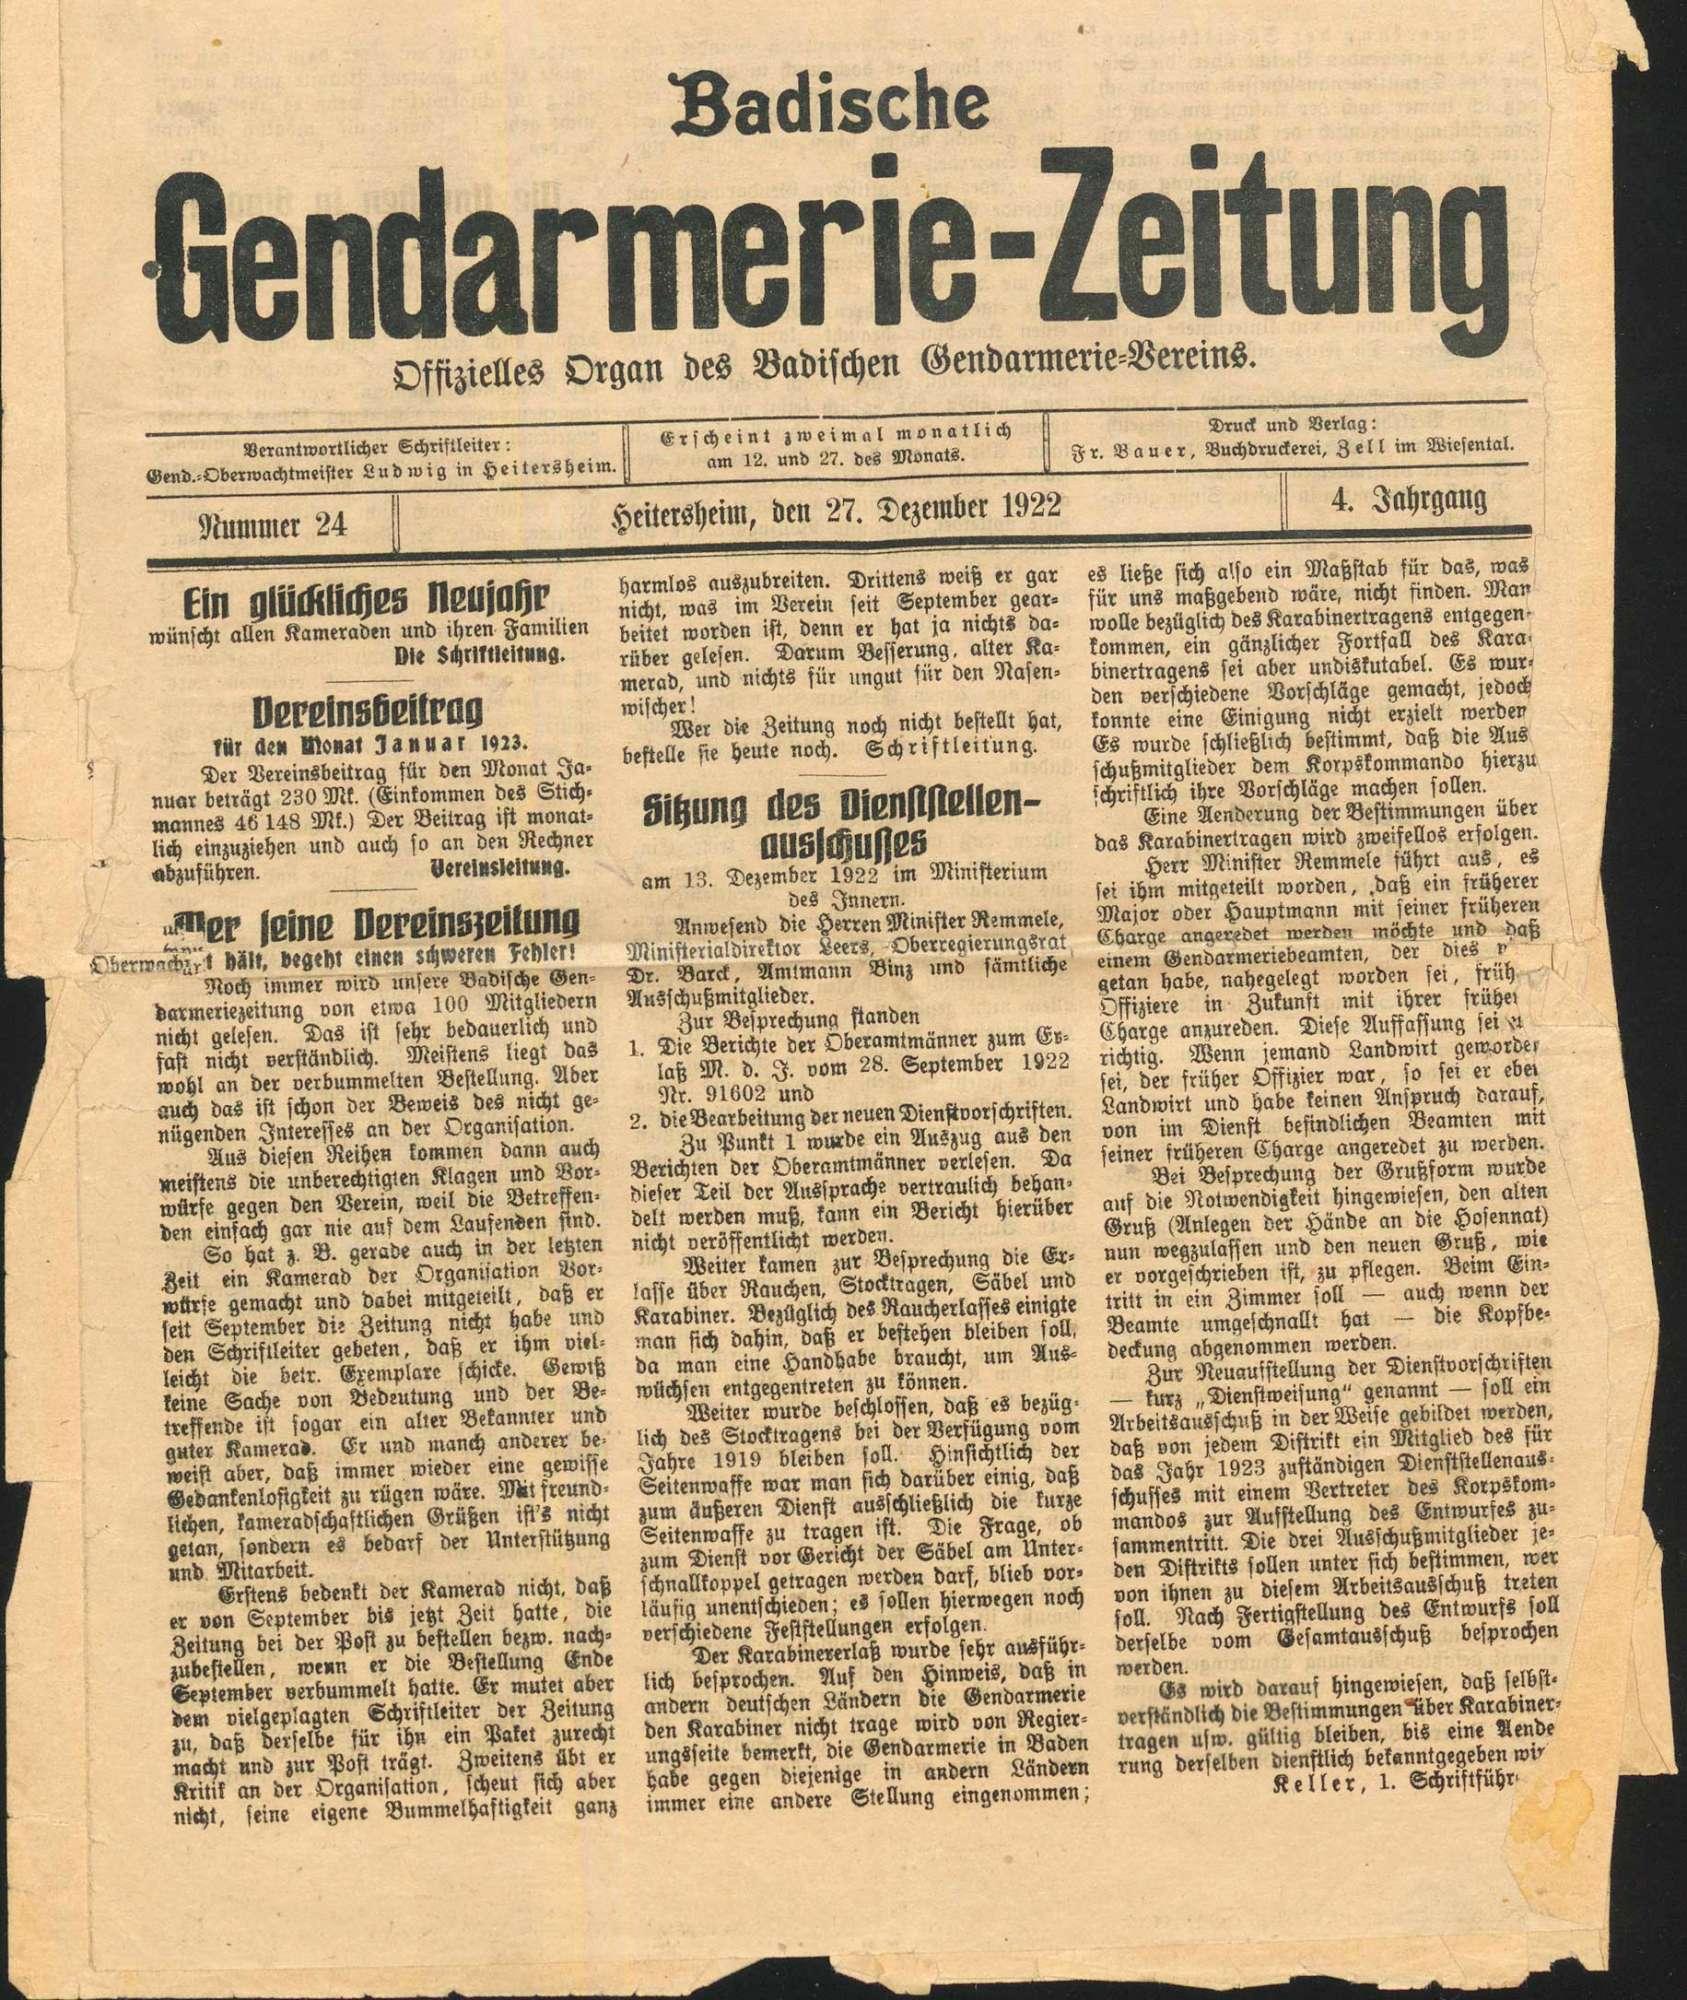 Johann Schmid, Gießer, Eigeltingen wegen Totschlags (an Major Scherer, Singen, im Anschluss an eine Demonstration wegen des Rathenau-Mordes), Bild 3